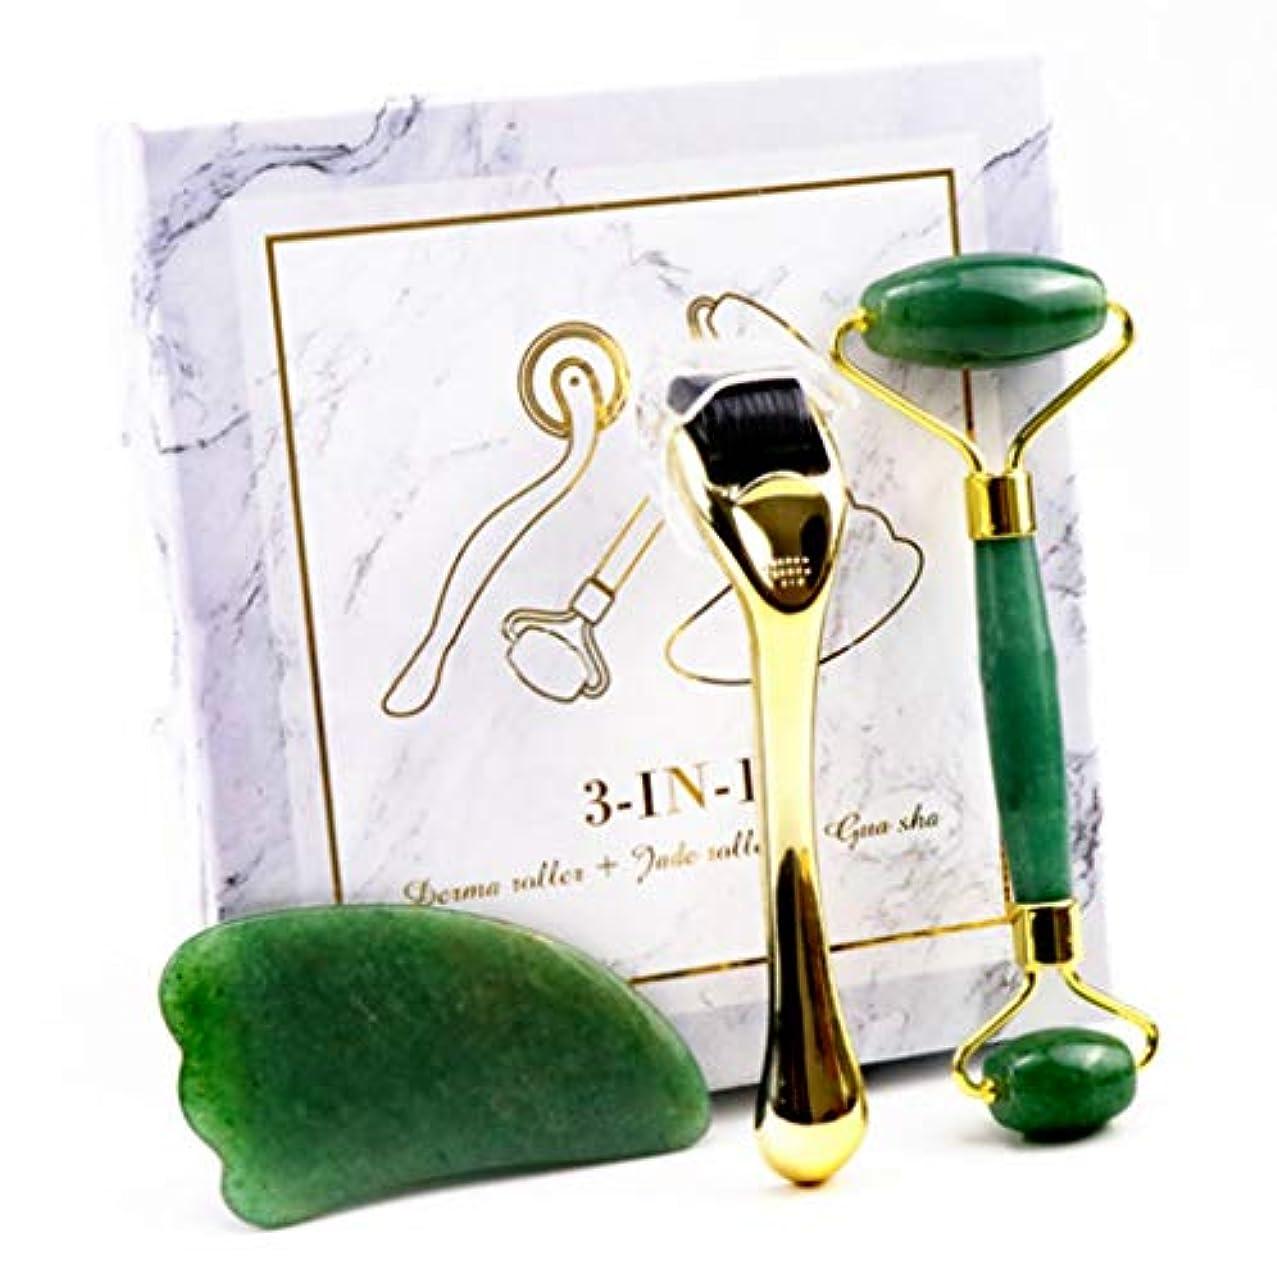 病んでいる休憩するパーティションアイ/リップ/ネック/フェイスキット - ジェイドローラー&Guaの沙+ダーマローラーマッサージャー美容ツールセットのインスタントむくみ/しわ/バッグ/スポット/細かい線を削減します (Color : Green)